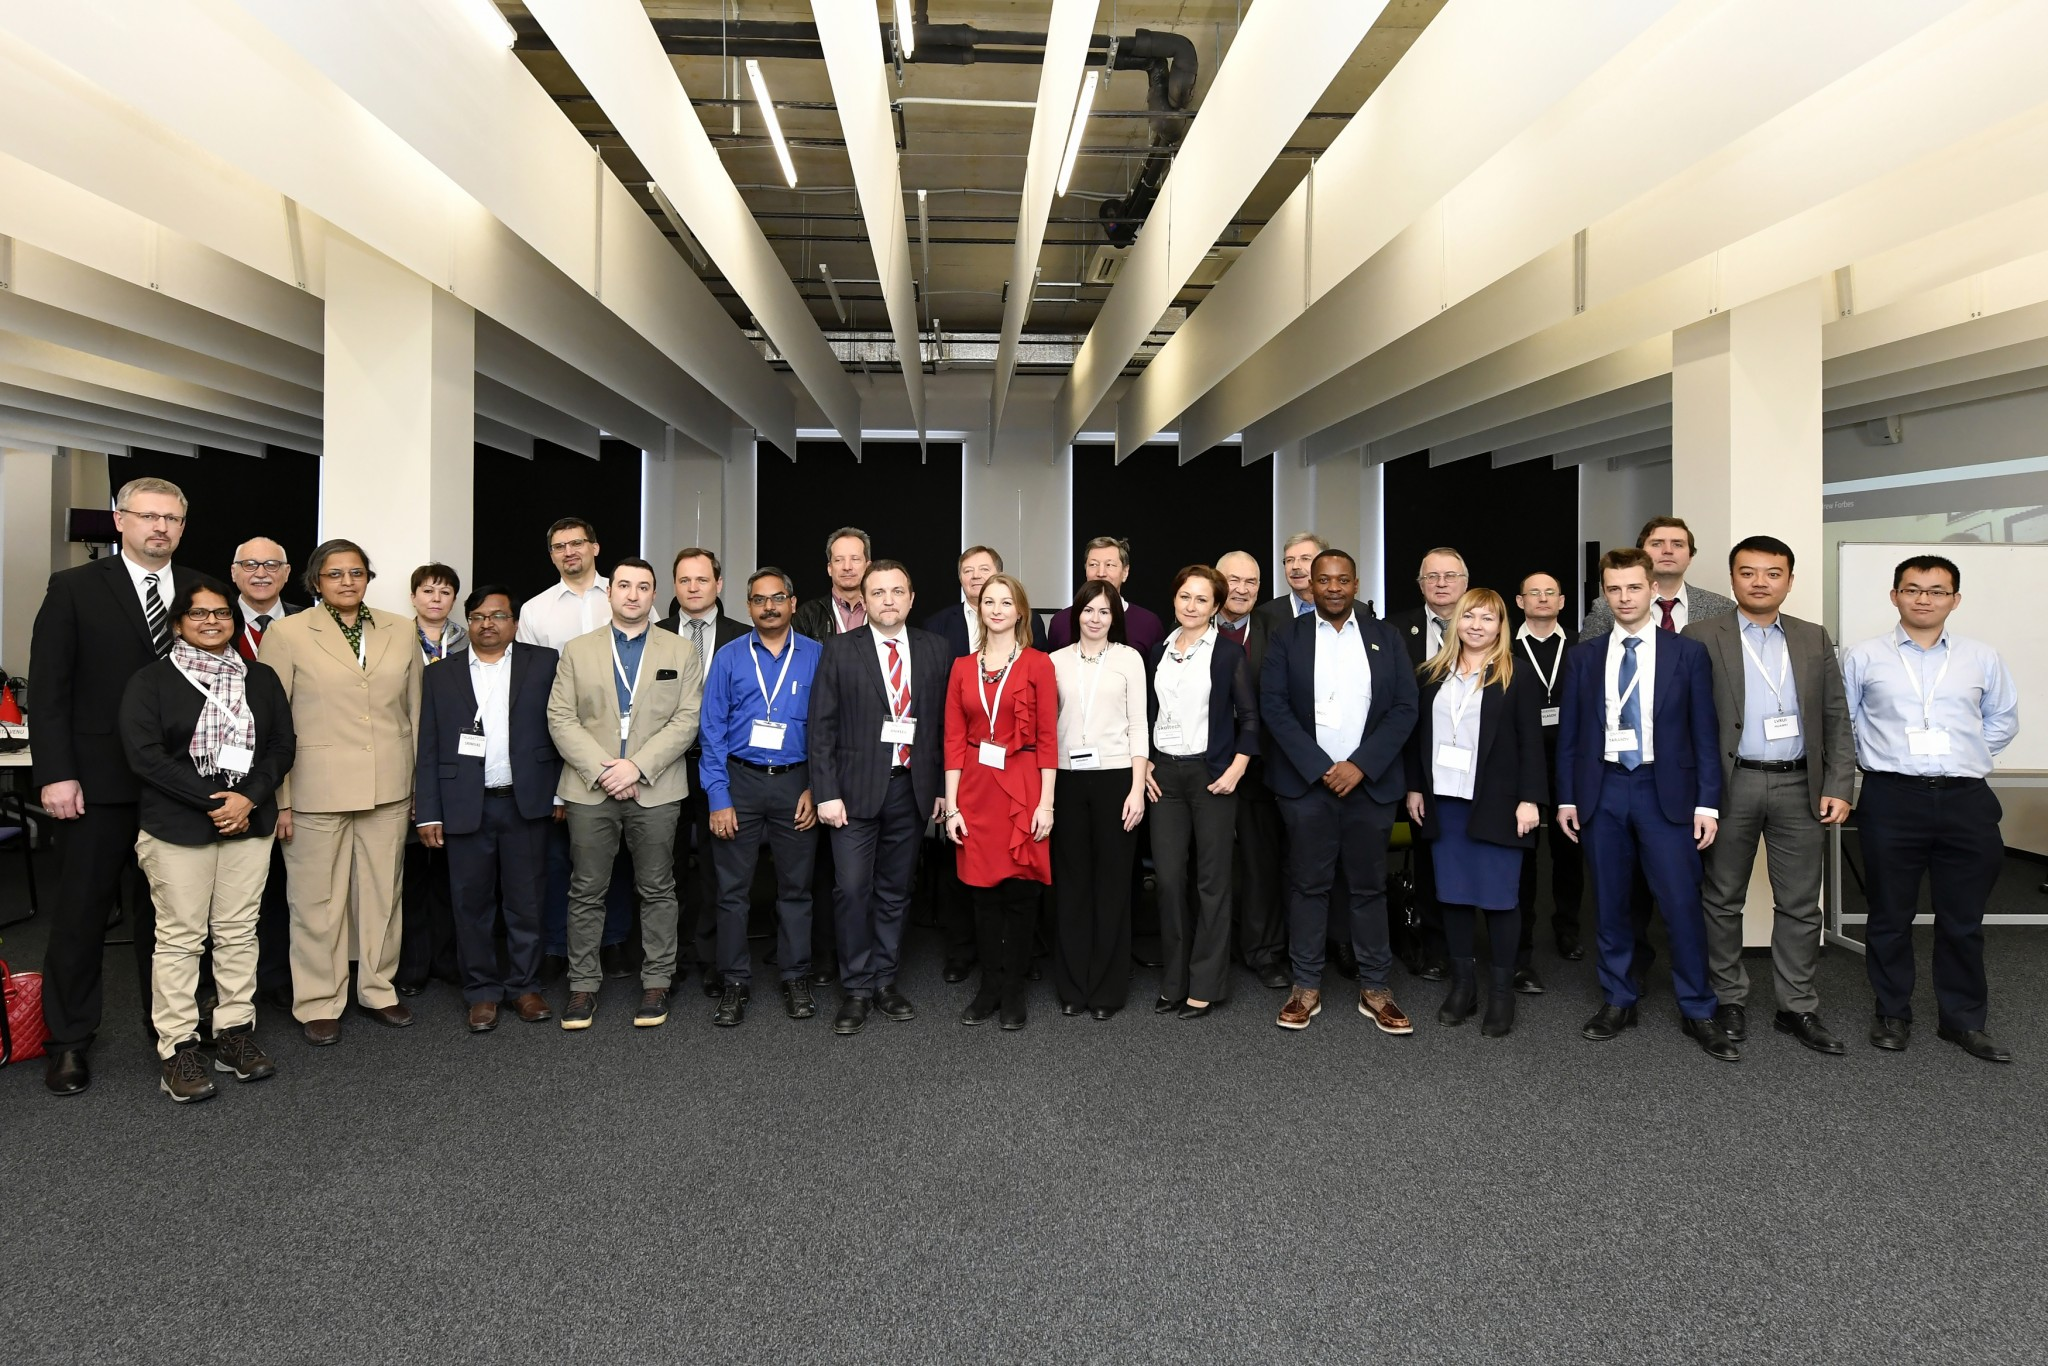 BRICS participants